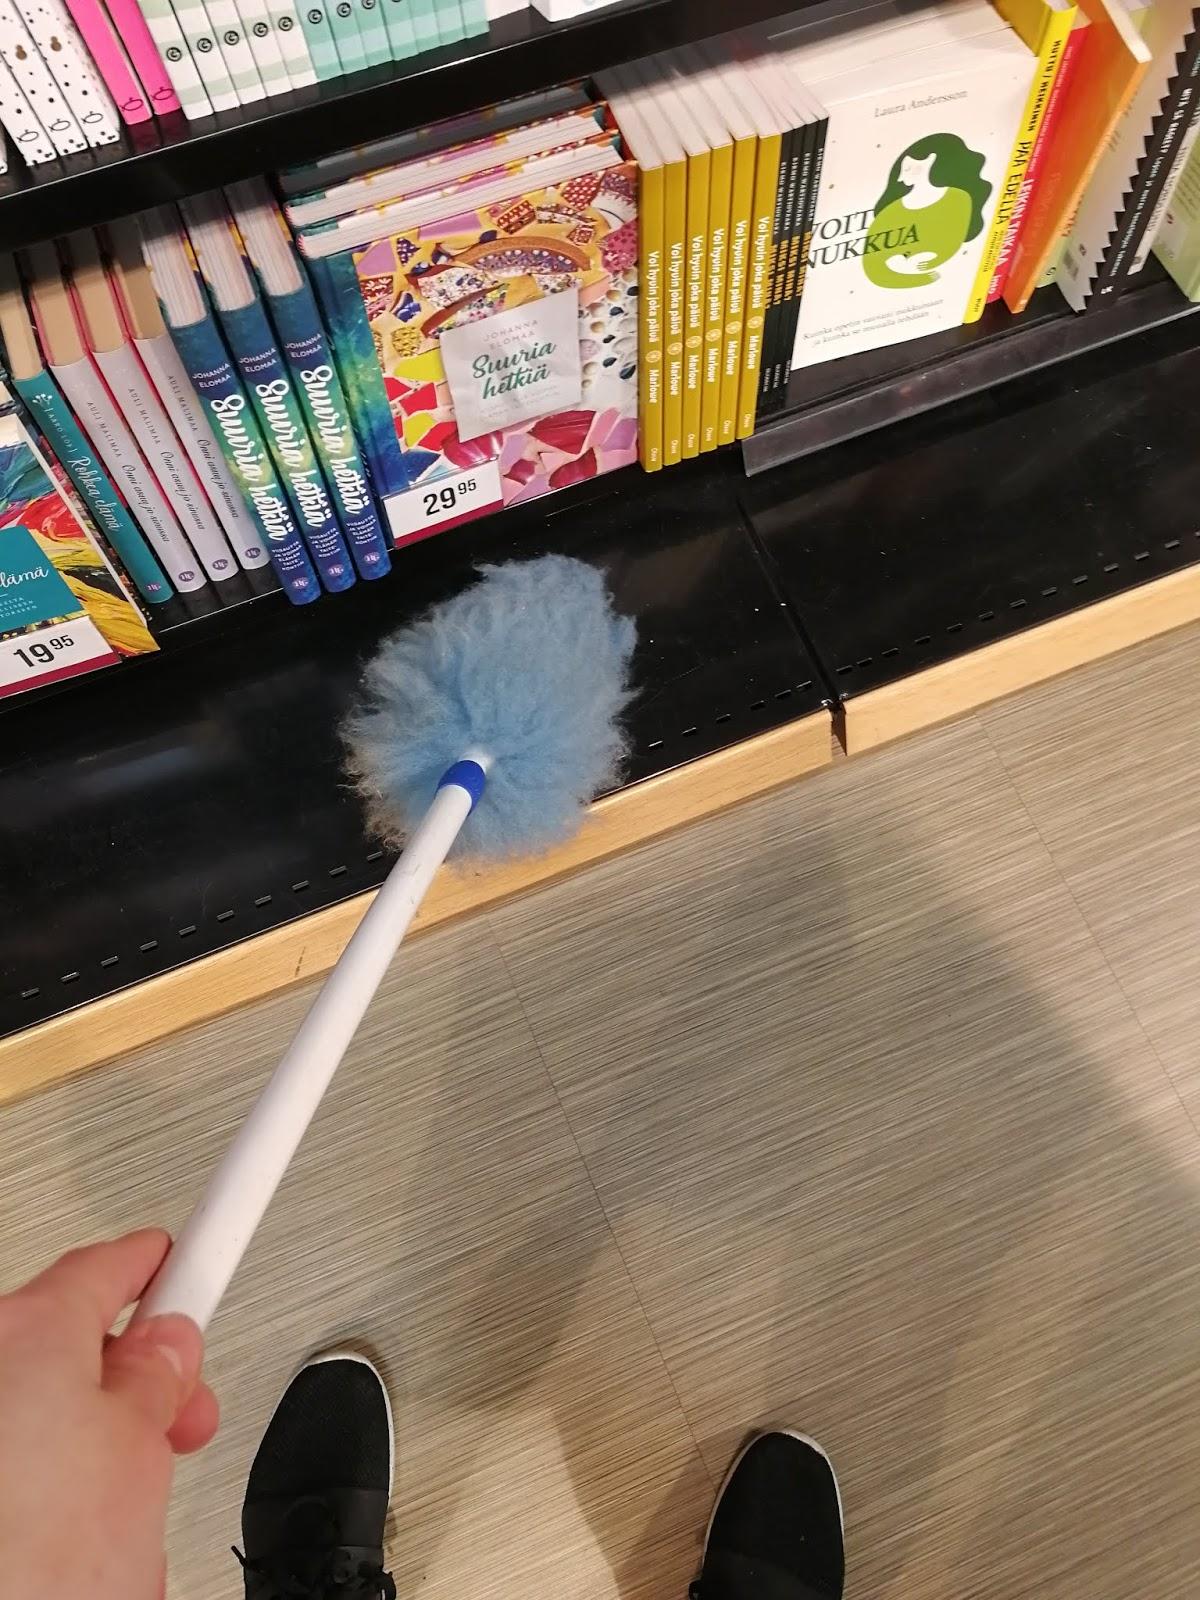 pölyhuisku hidasta elämää suomalainen kirjakauppa myymälän siistiminen